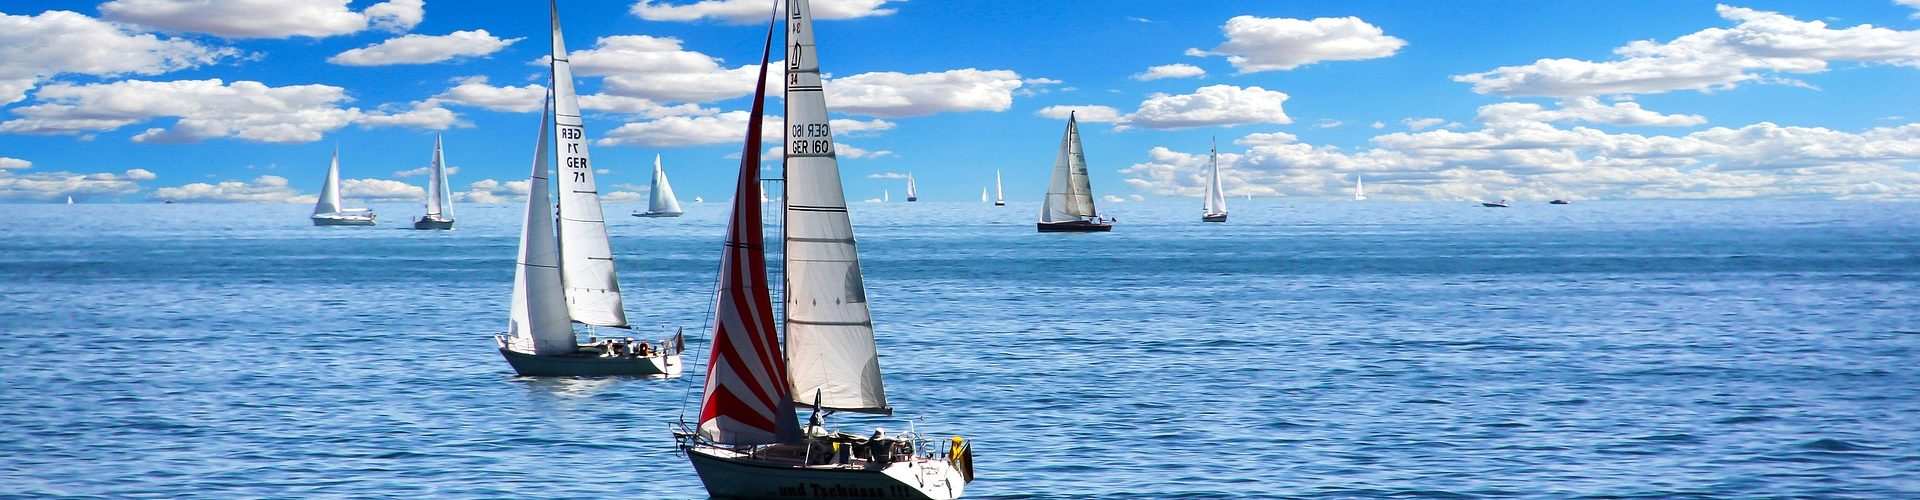 segeln lernen in Ludwigslust segelschein machen in Ludwigslust 1920x500 - Segeln lernen in Ludwigslust